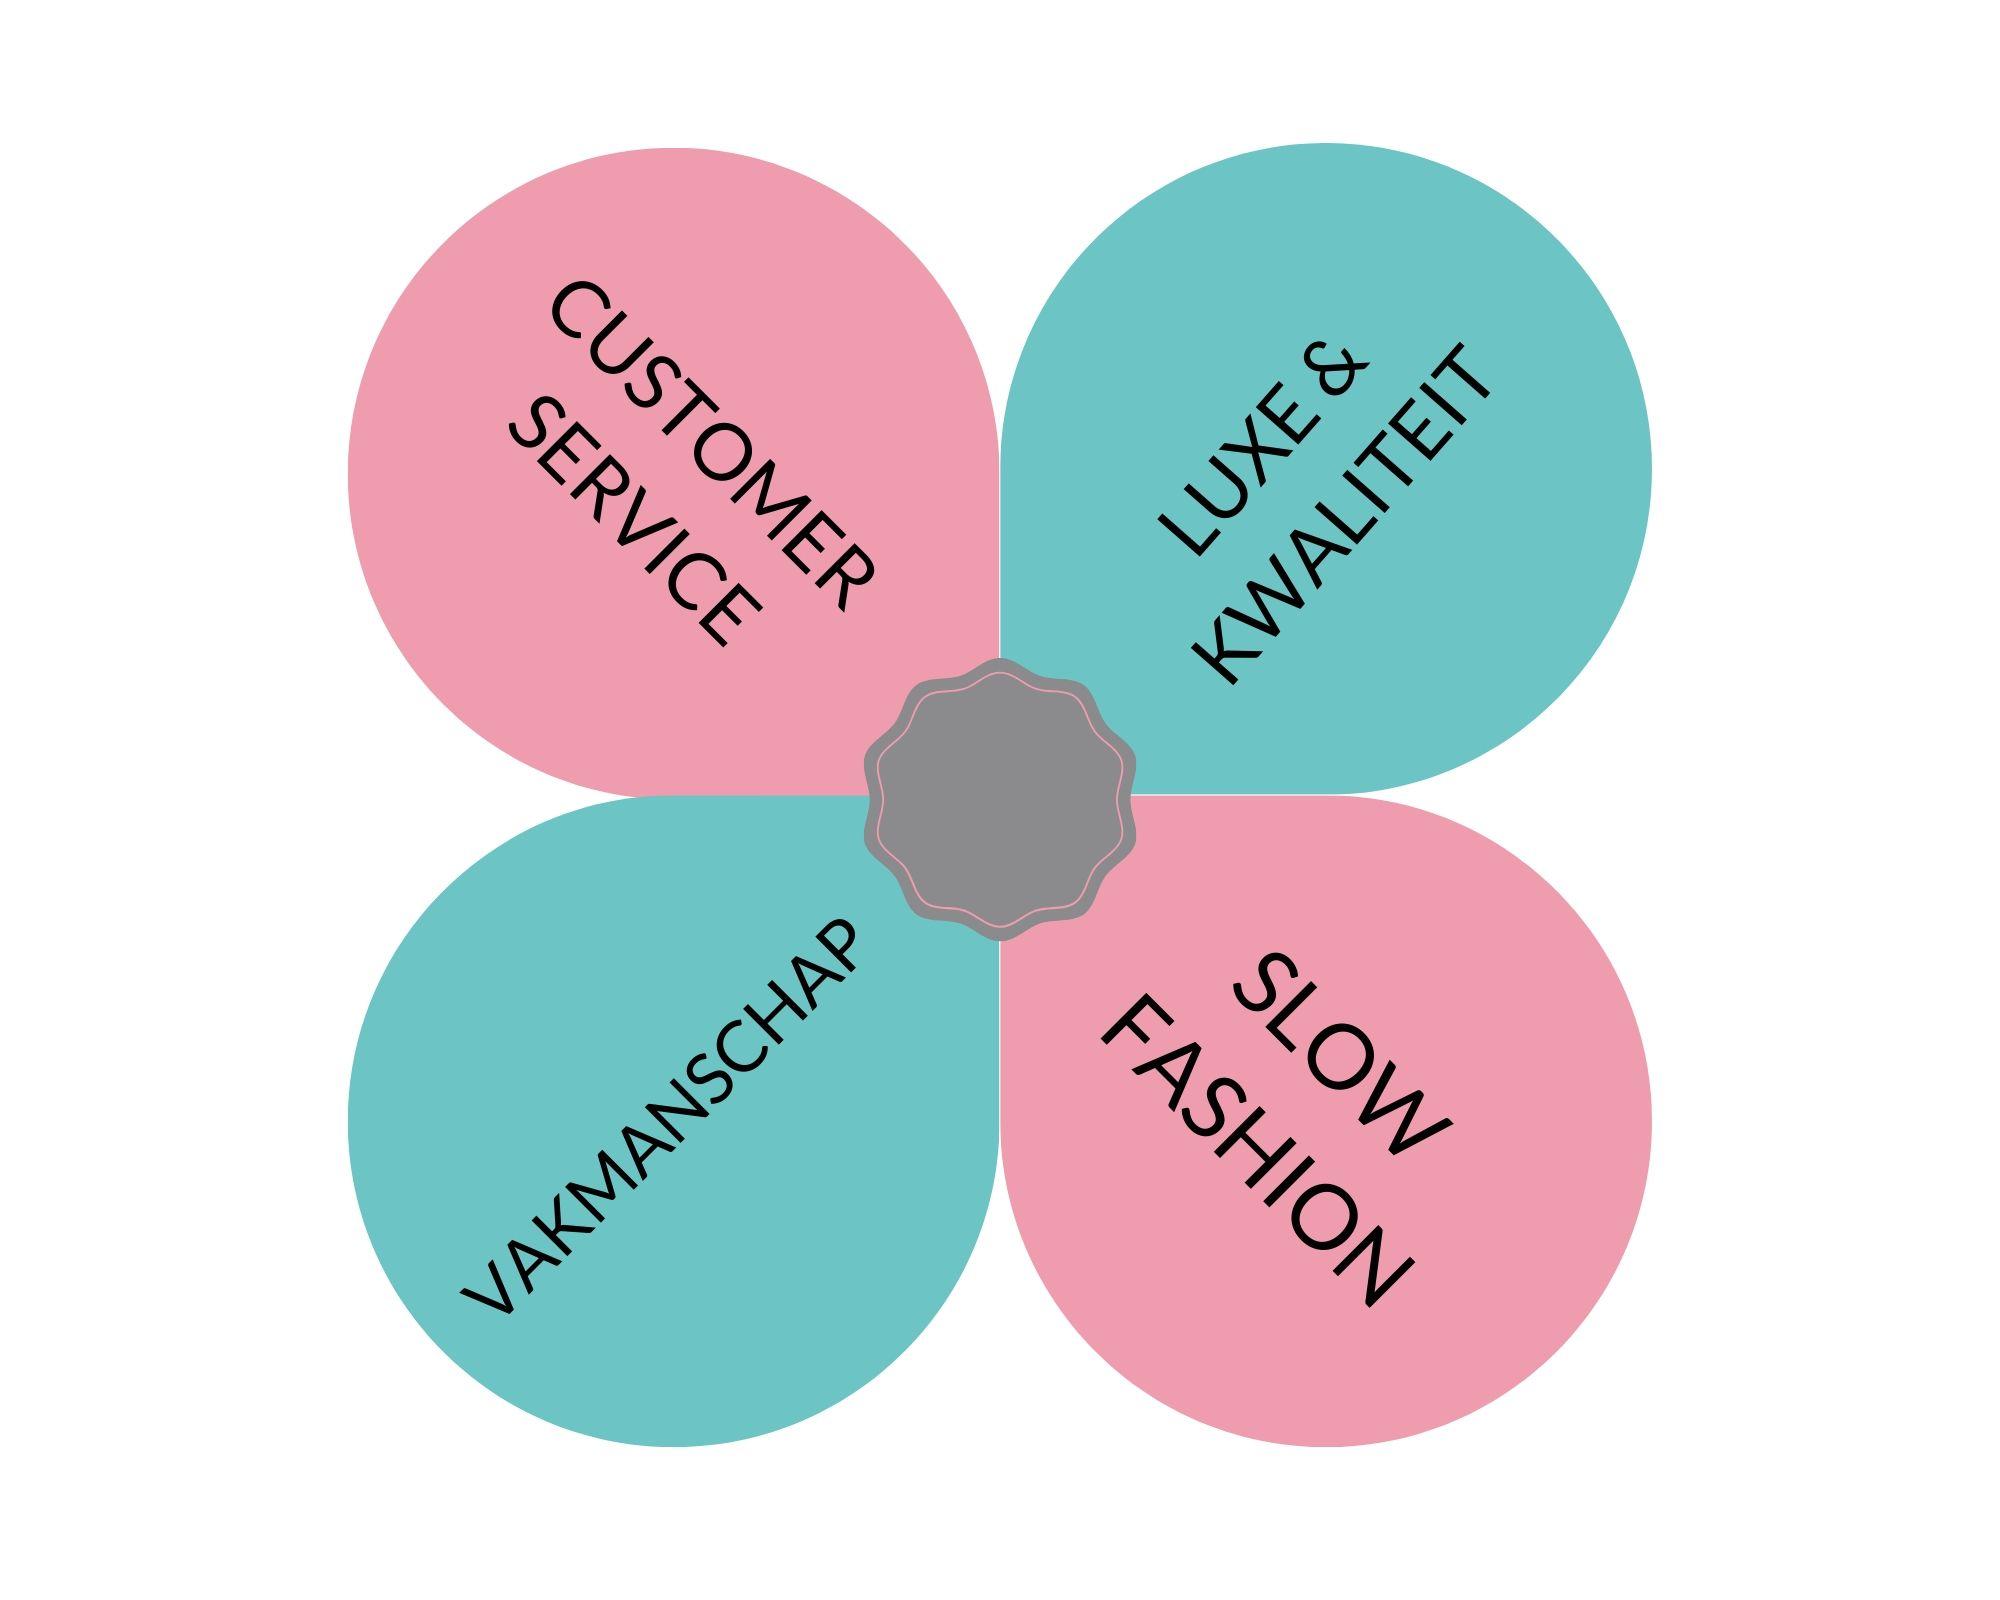 Dit zijn de kernwaarden van ons merk Moniëlle